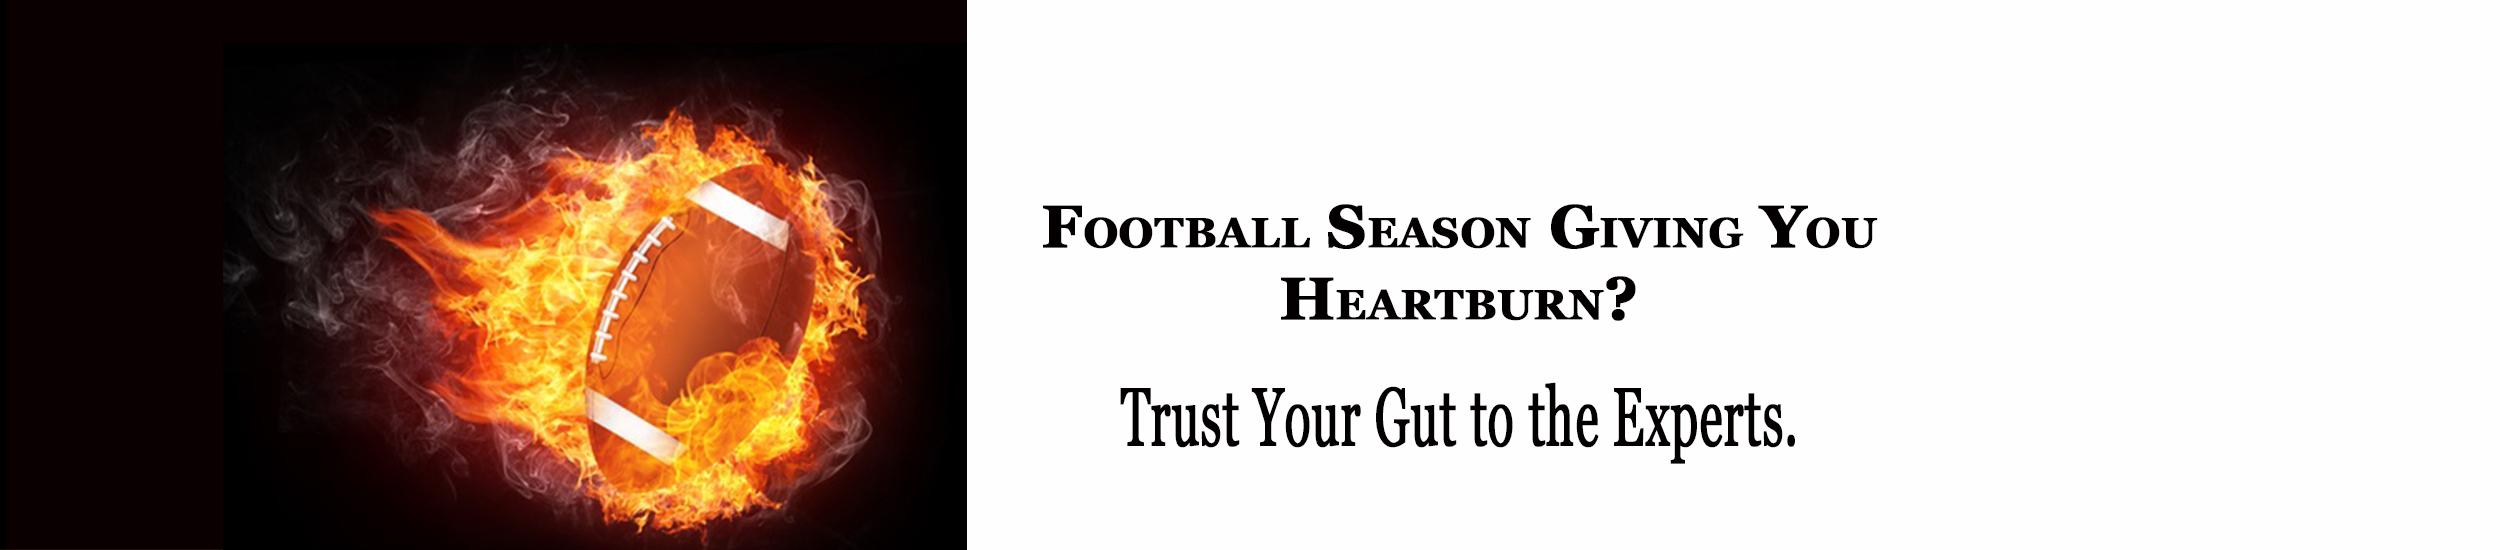 HomePage_FootballHeartburn-2